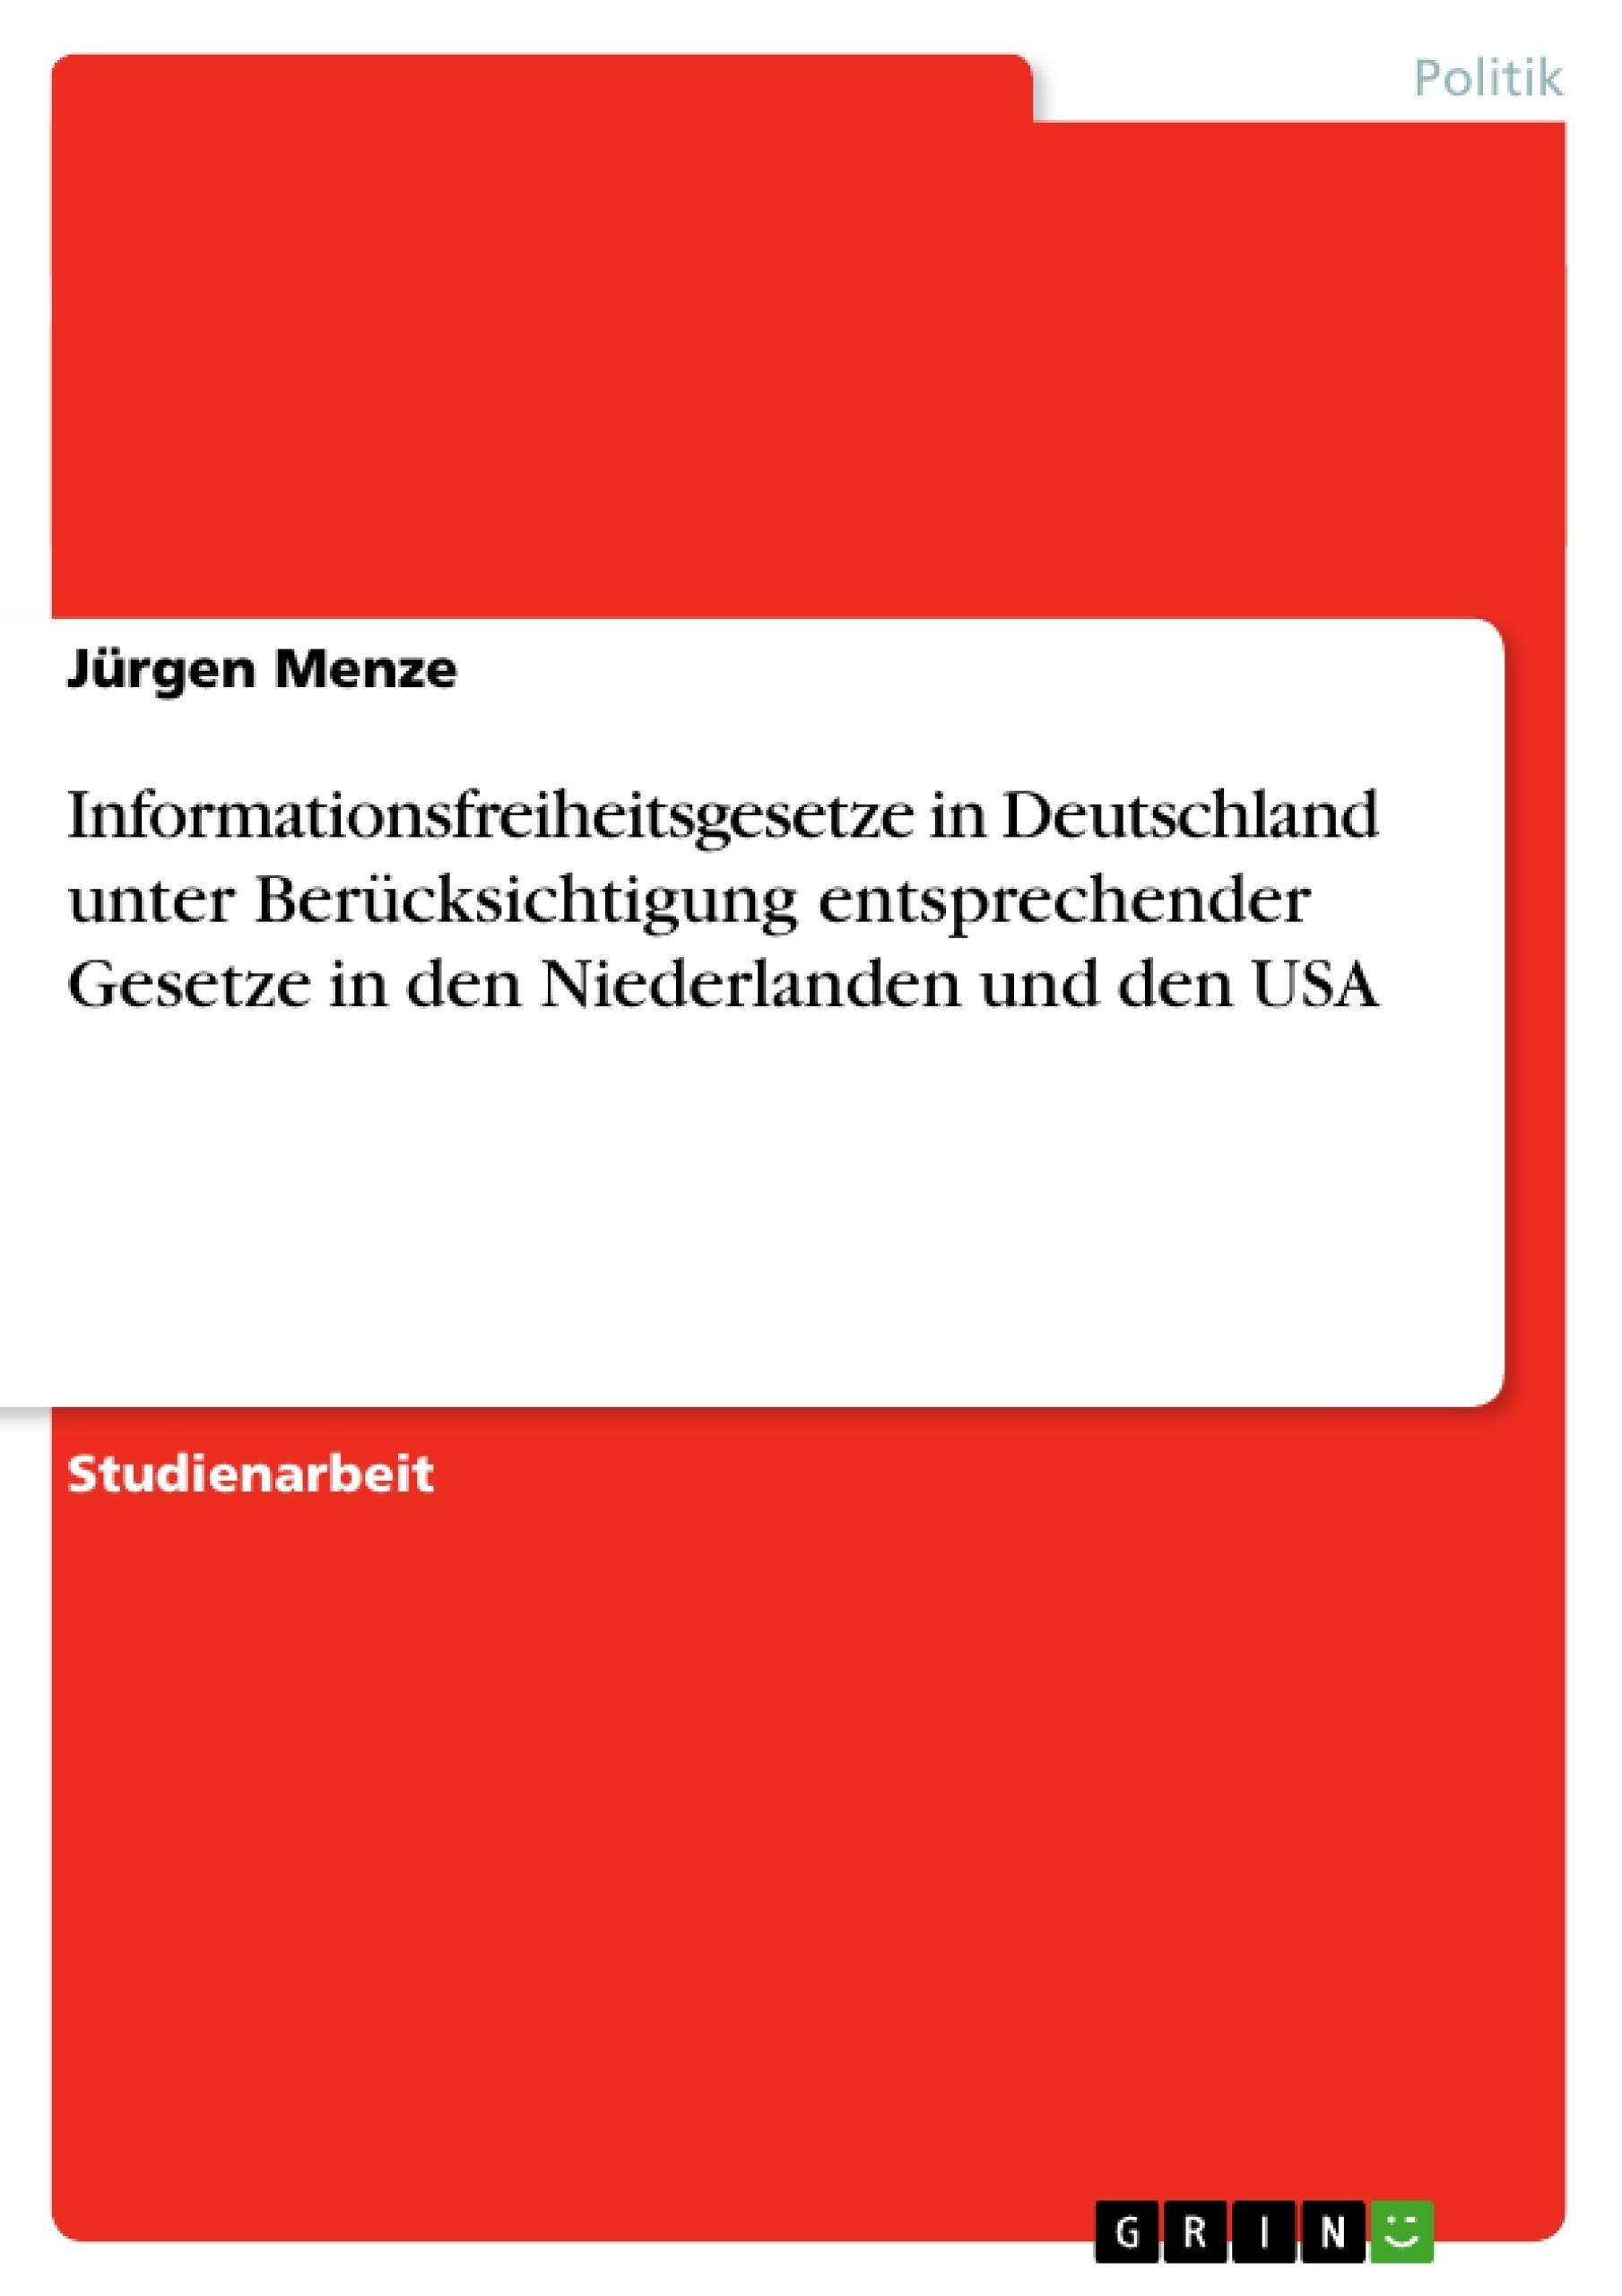 Titel: Informationsfreiheitsgesetze in Deutschland unter Berücksichtigung entsprechender Gesetze in den Niederlanden und den USA